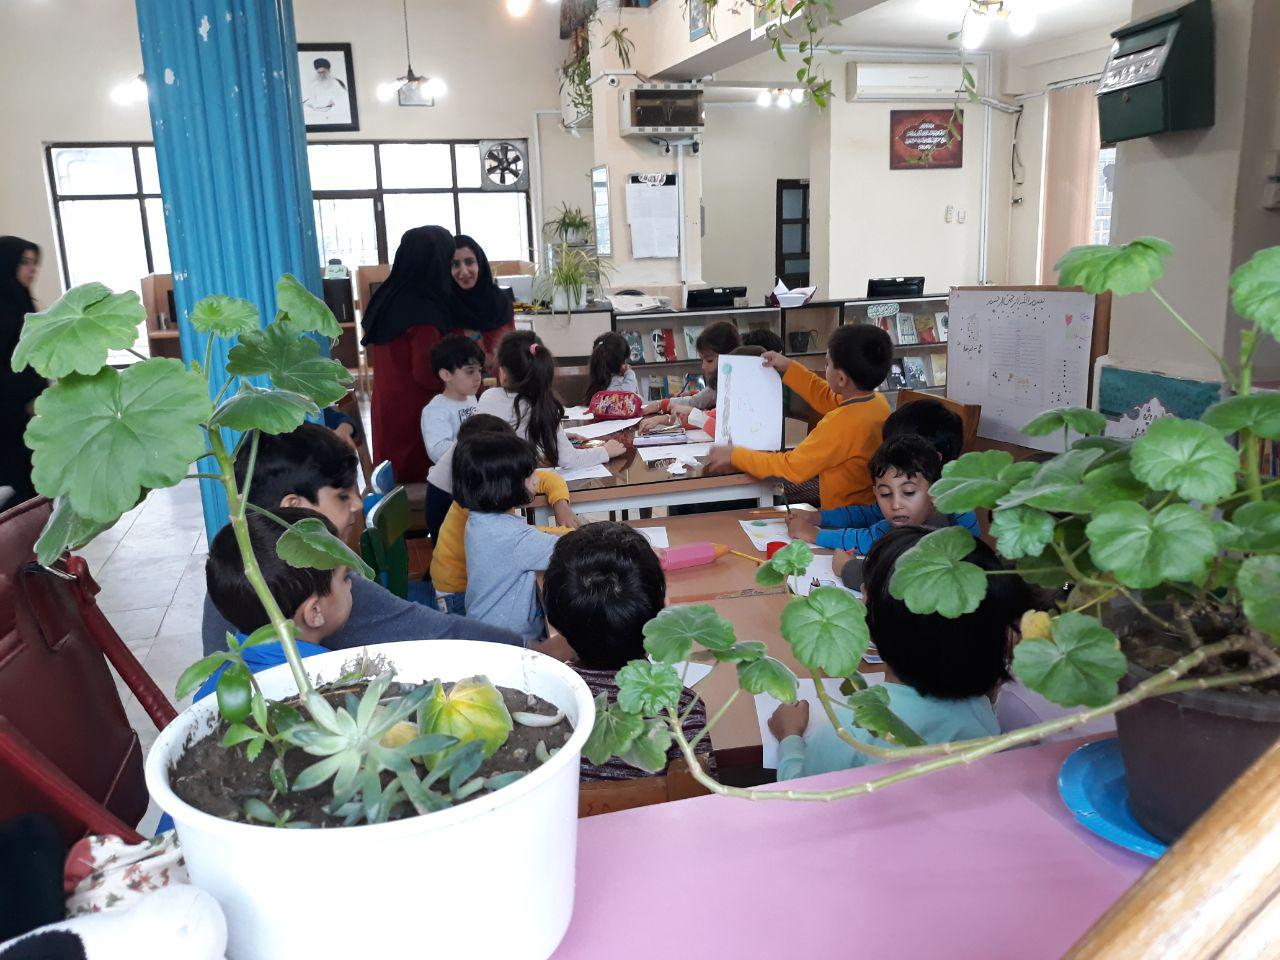 گرامیداشت روز جهانی کودک در کتابخانه عمومی ۱۷شهریور تالش